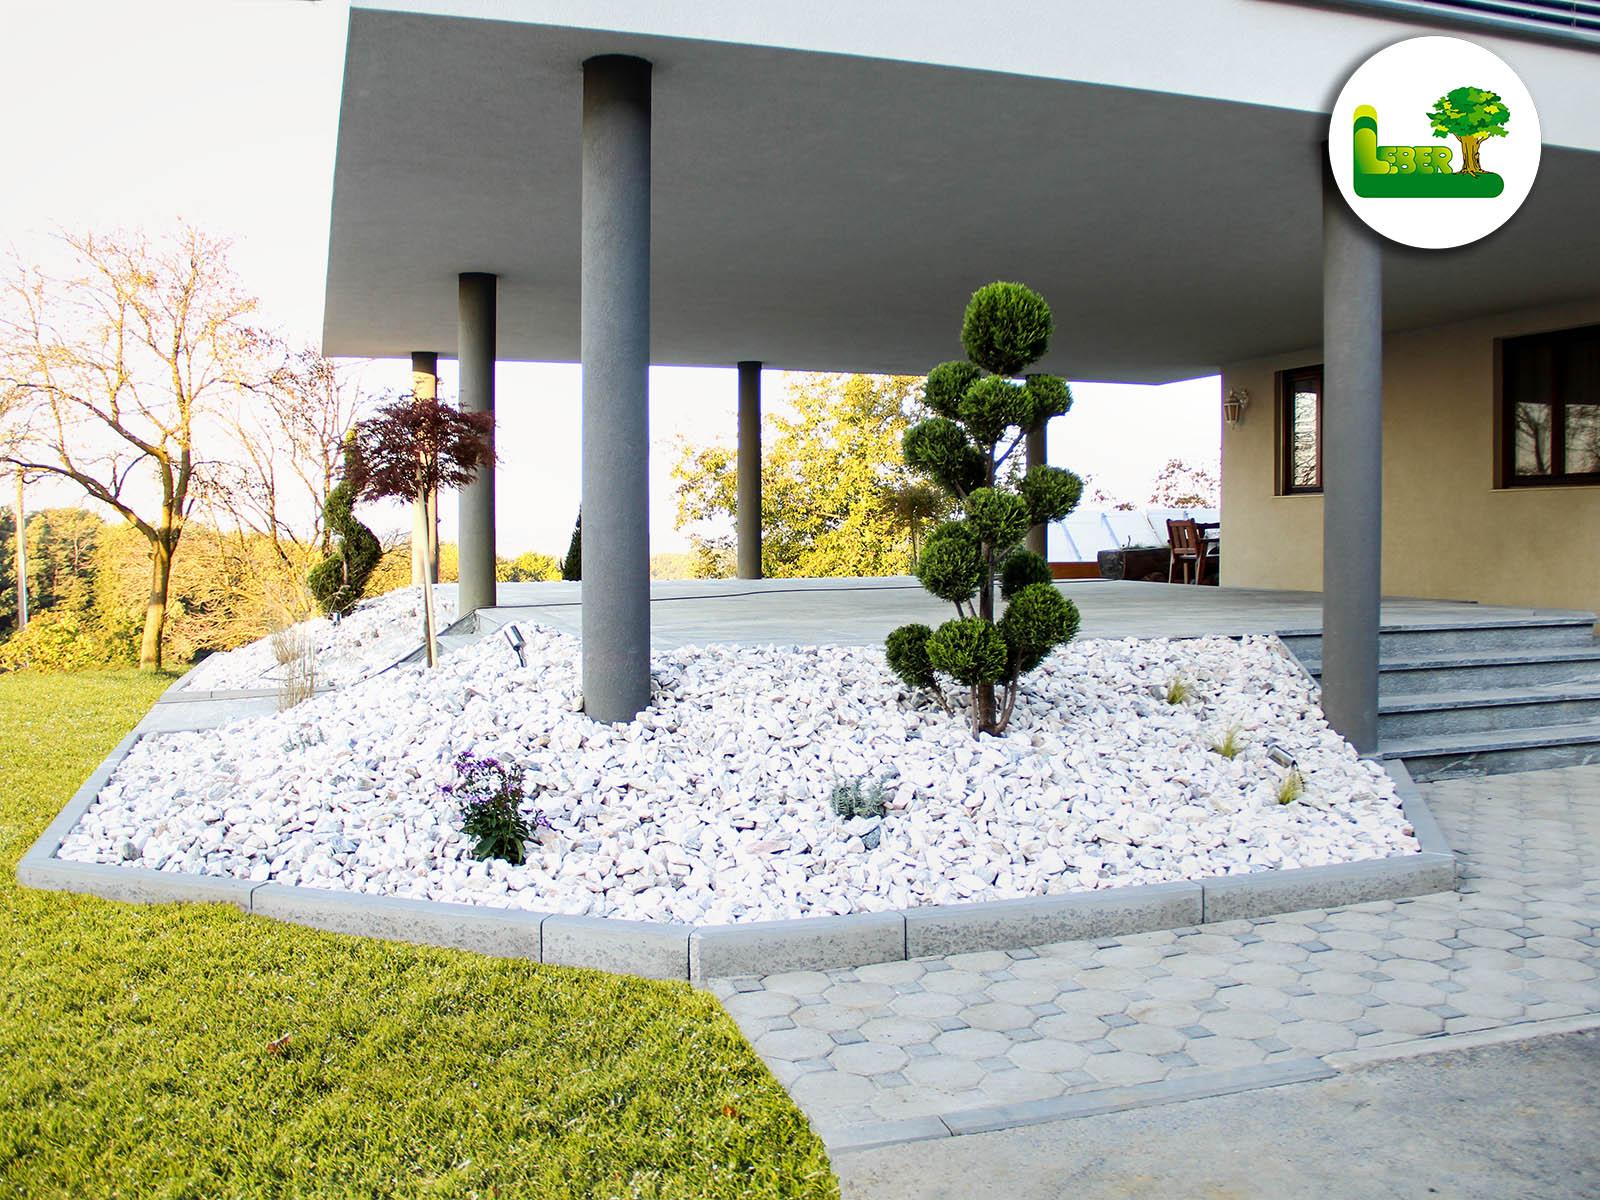 Terrasse mit Biasca Gneis d=3cm und einen Steingarten mit Zierkies Marmor Rose und einer Bepflanzung - Garten Leber.